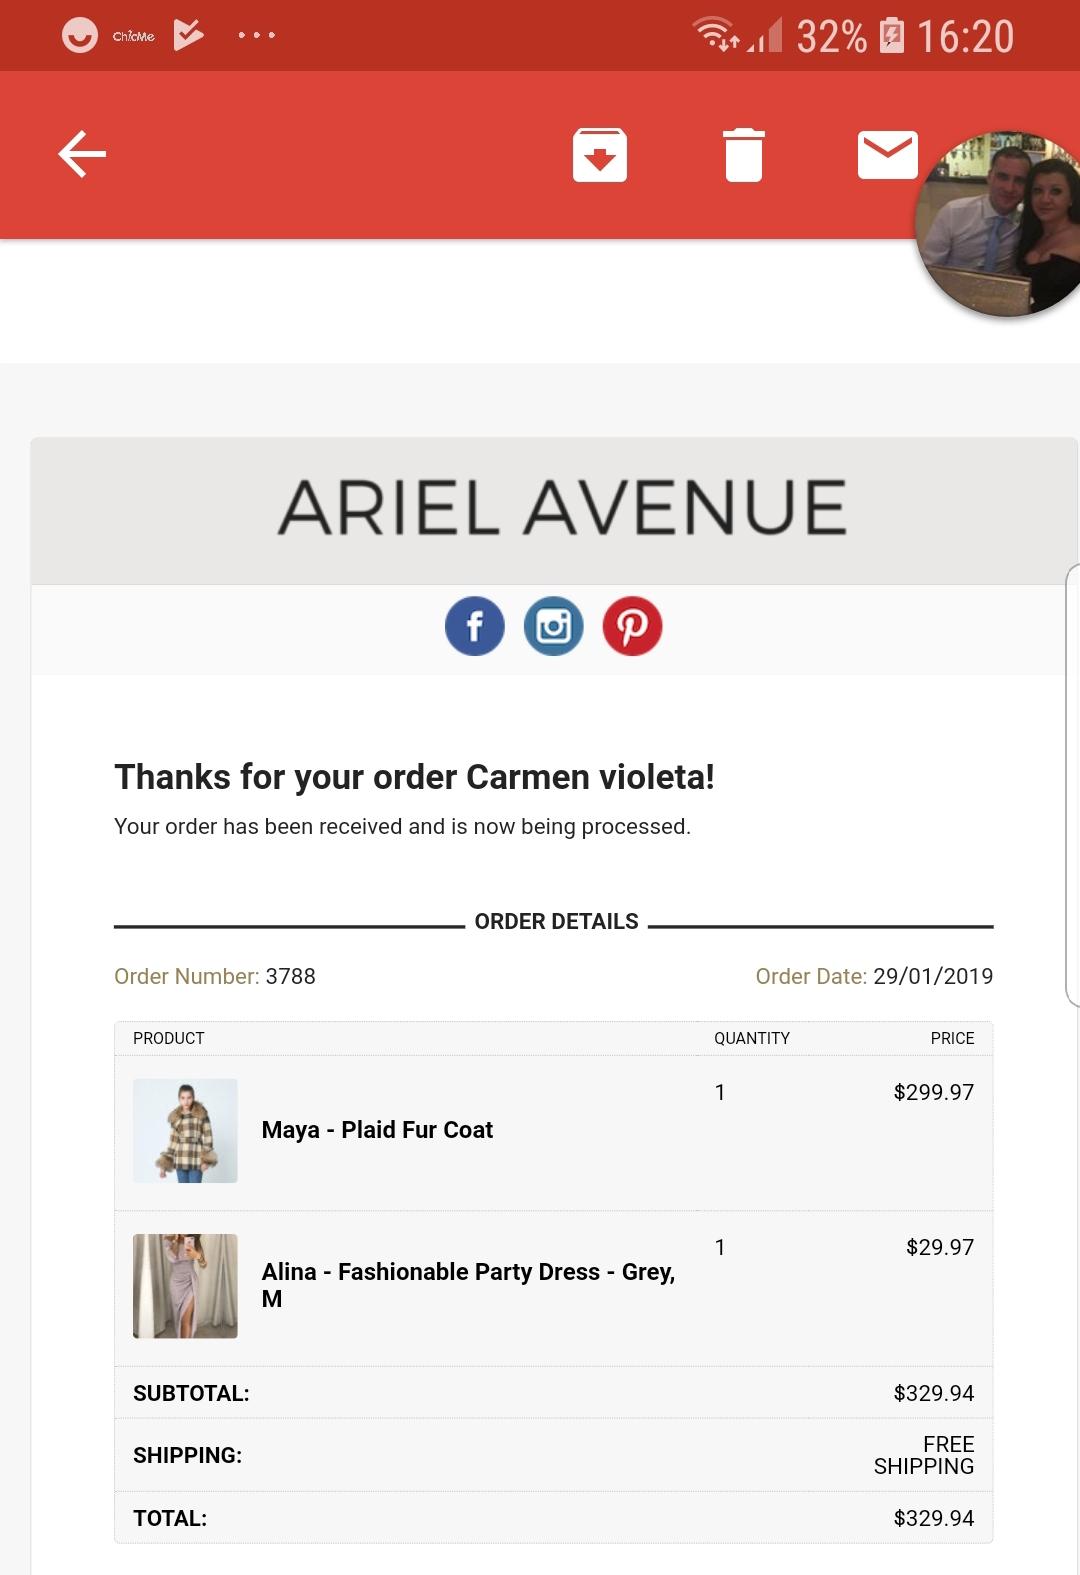 99e95b586b7 Ariel Avenue Reviews - 19 Reviews of Arielavenue.com